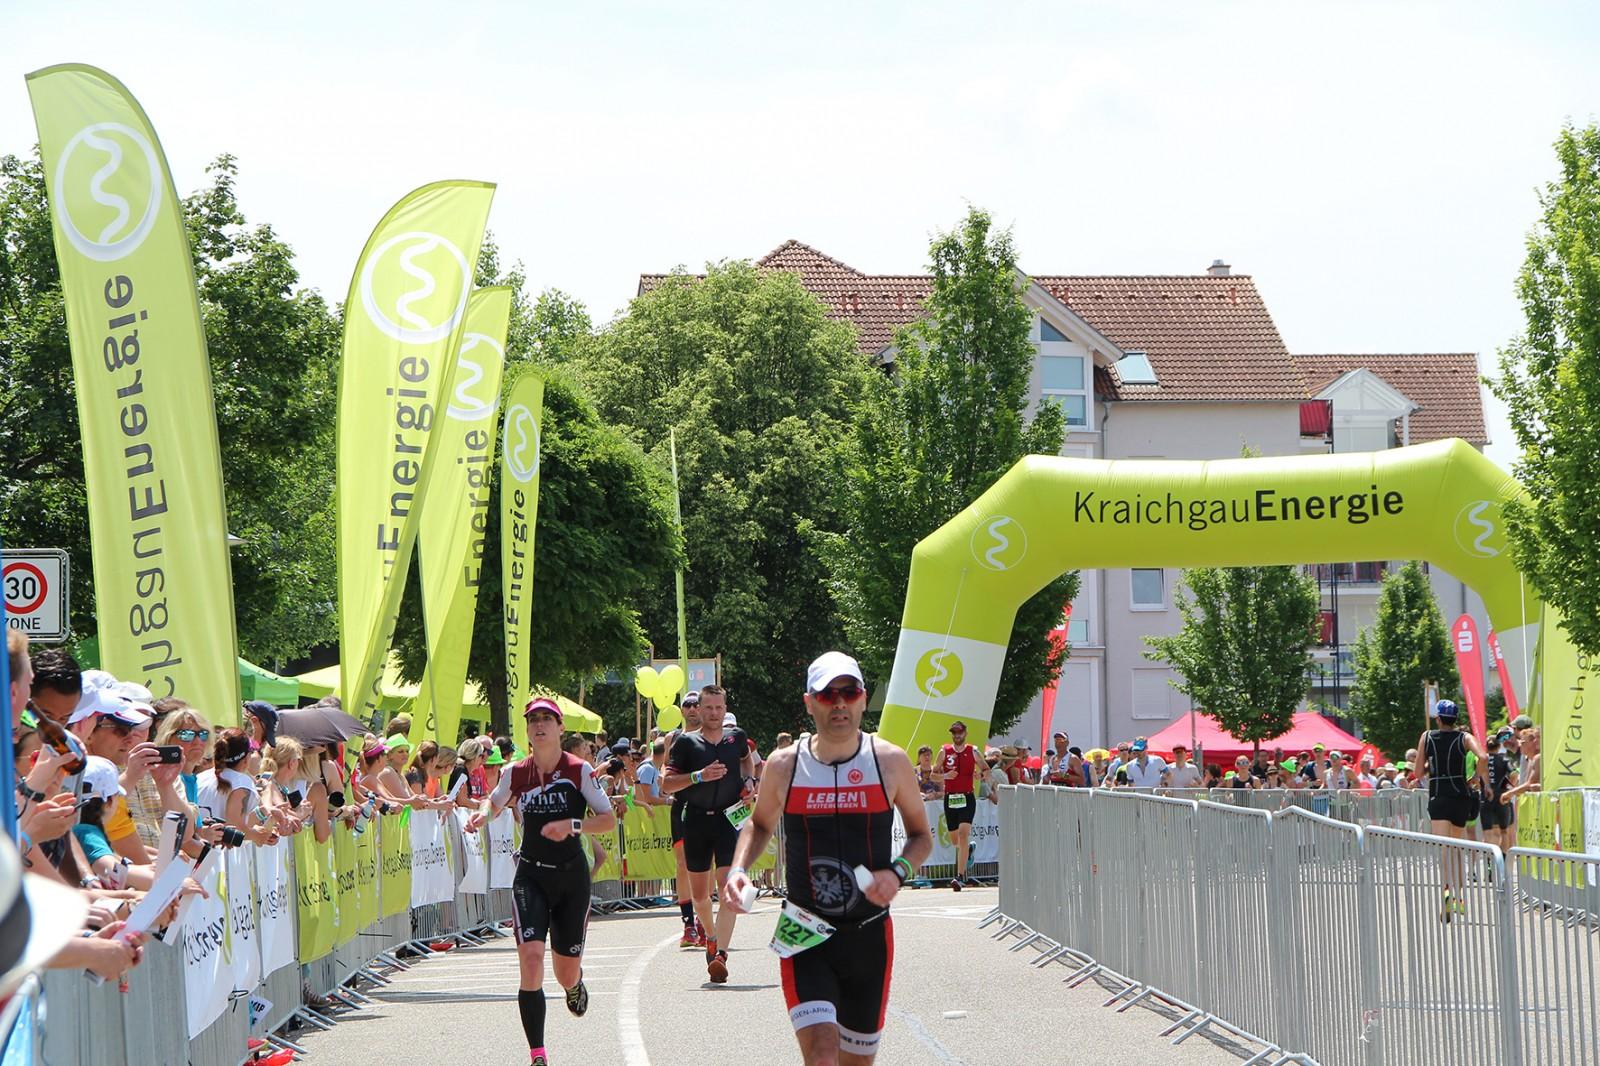 Ironman Kraichgau 70.3 Teinehmer auf der Strecke